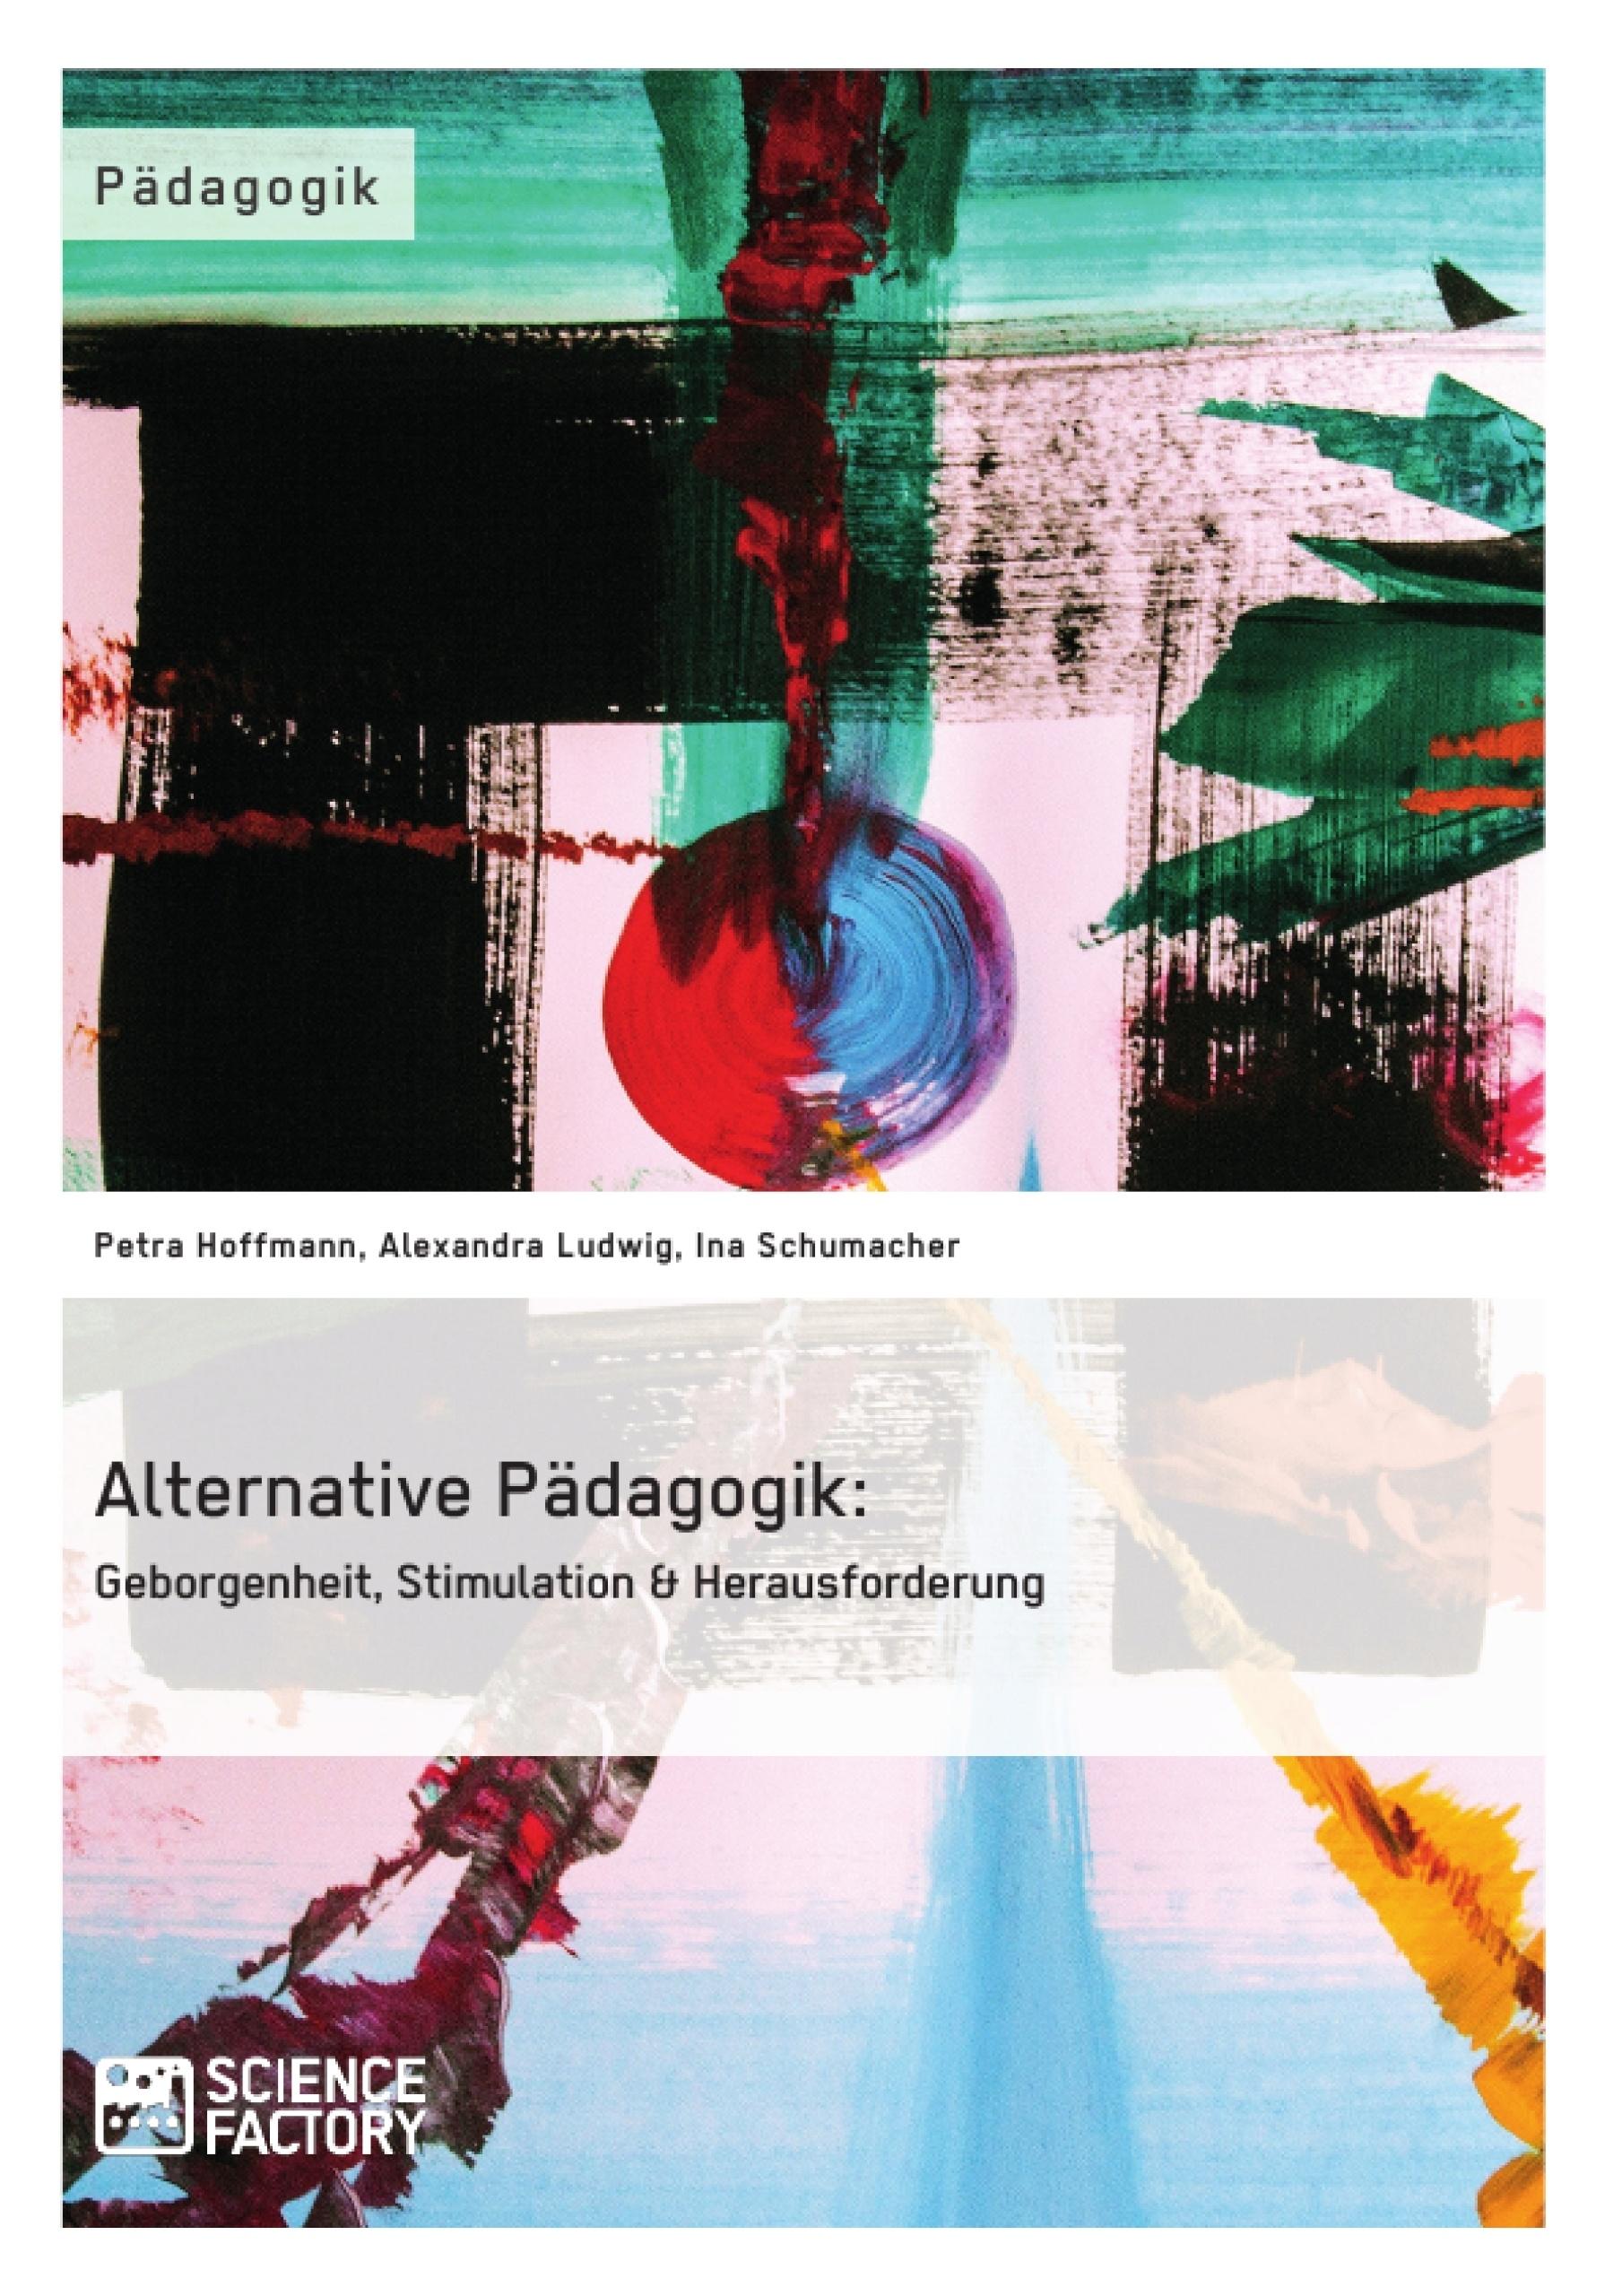 Titel: Alternative Pädagogik: Geborgenheit, Stimulation & Herausforderung